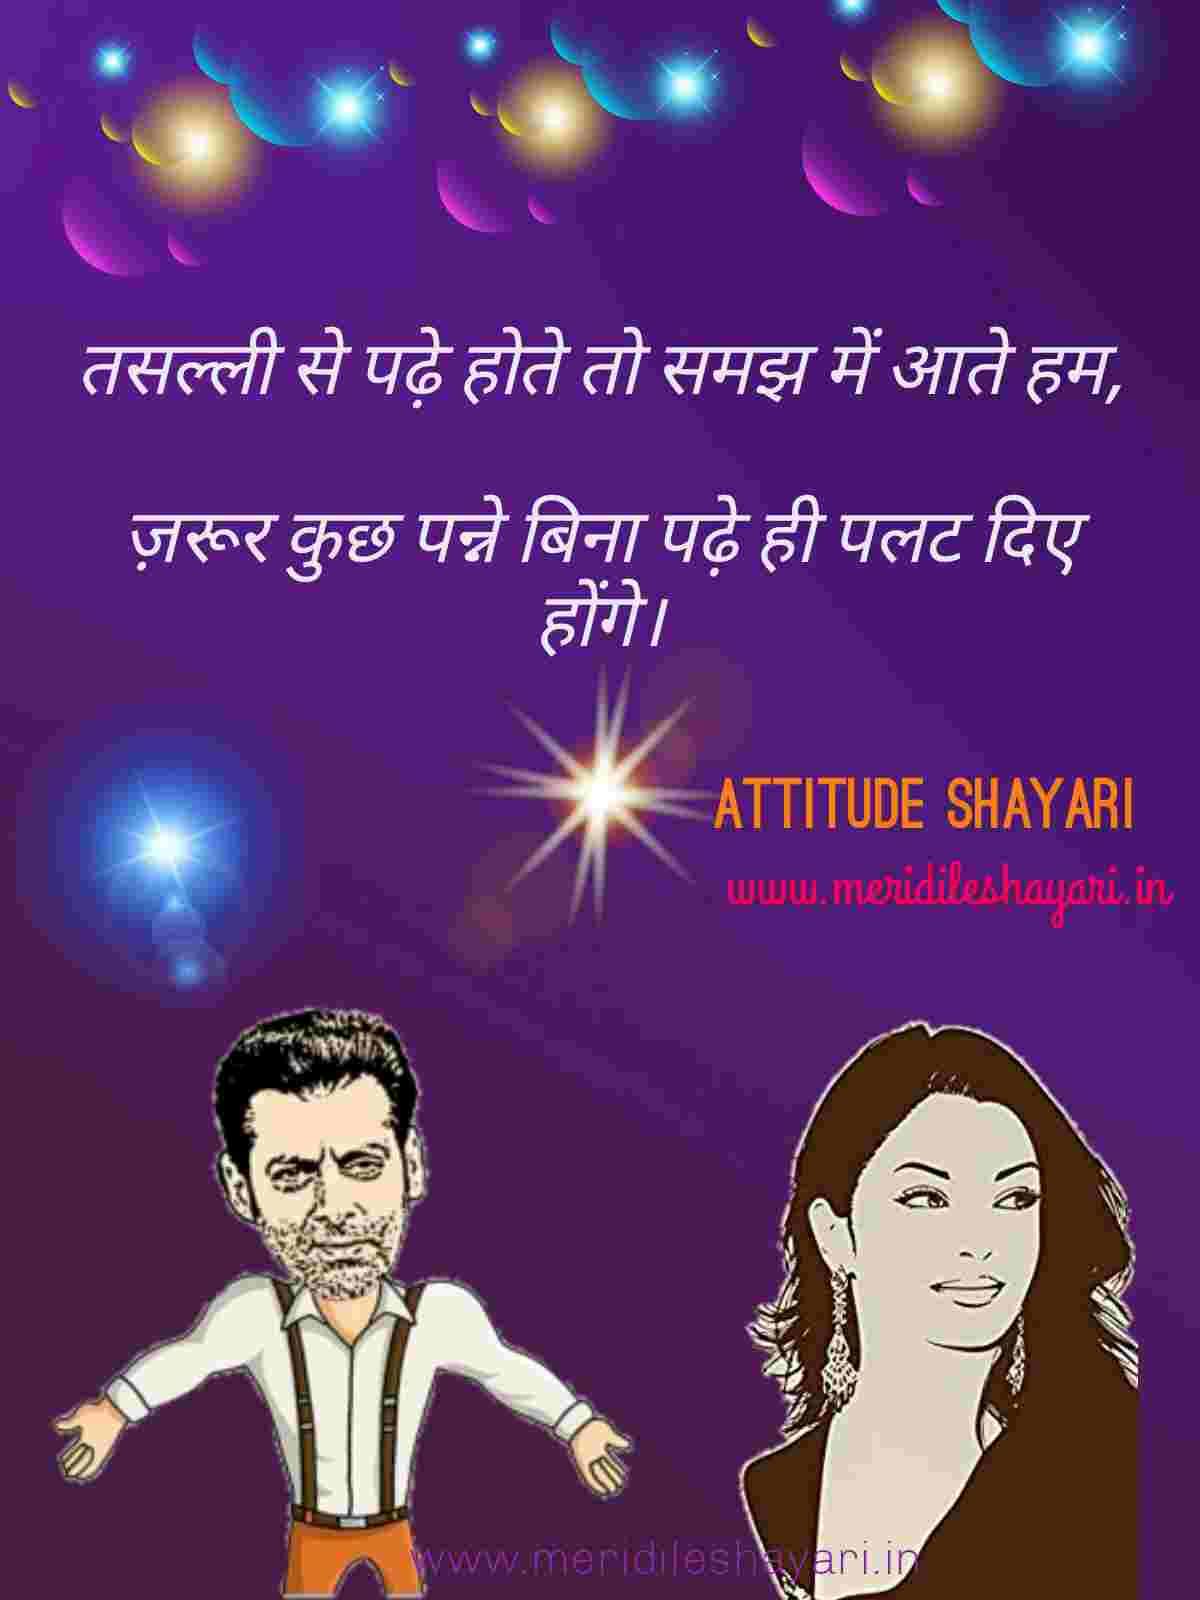 Attitude Shayari || एटीट्यूड शायरी,attitude shayari in hindi,hindi attitude shayari,attitude shayari in hindi facebook,attitude shayari in hindi fb,attitude shayari in hindi for love,attitude shayari in hindi for girl ,attitude shayari in hindi for boyfriend,Attitude shayari,Attitude shayari hindi,Attitude shayari for girls,Attitude shayari for boys,Attitude shayari in english,Attitude shayari image,meridileshayari,mere dil se shayari